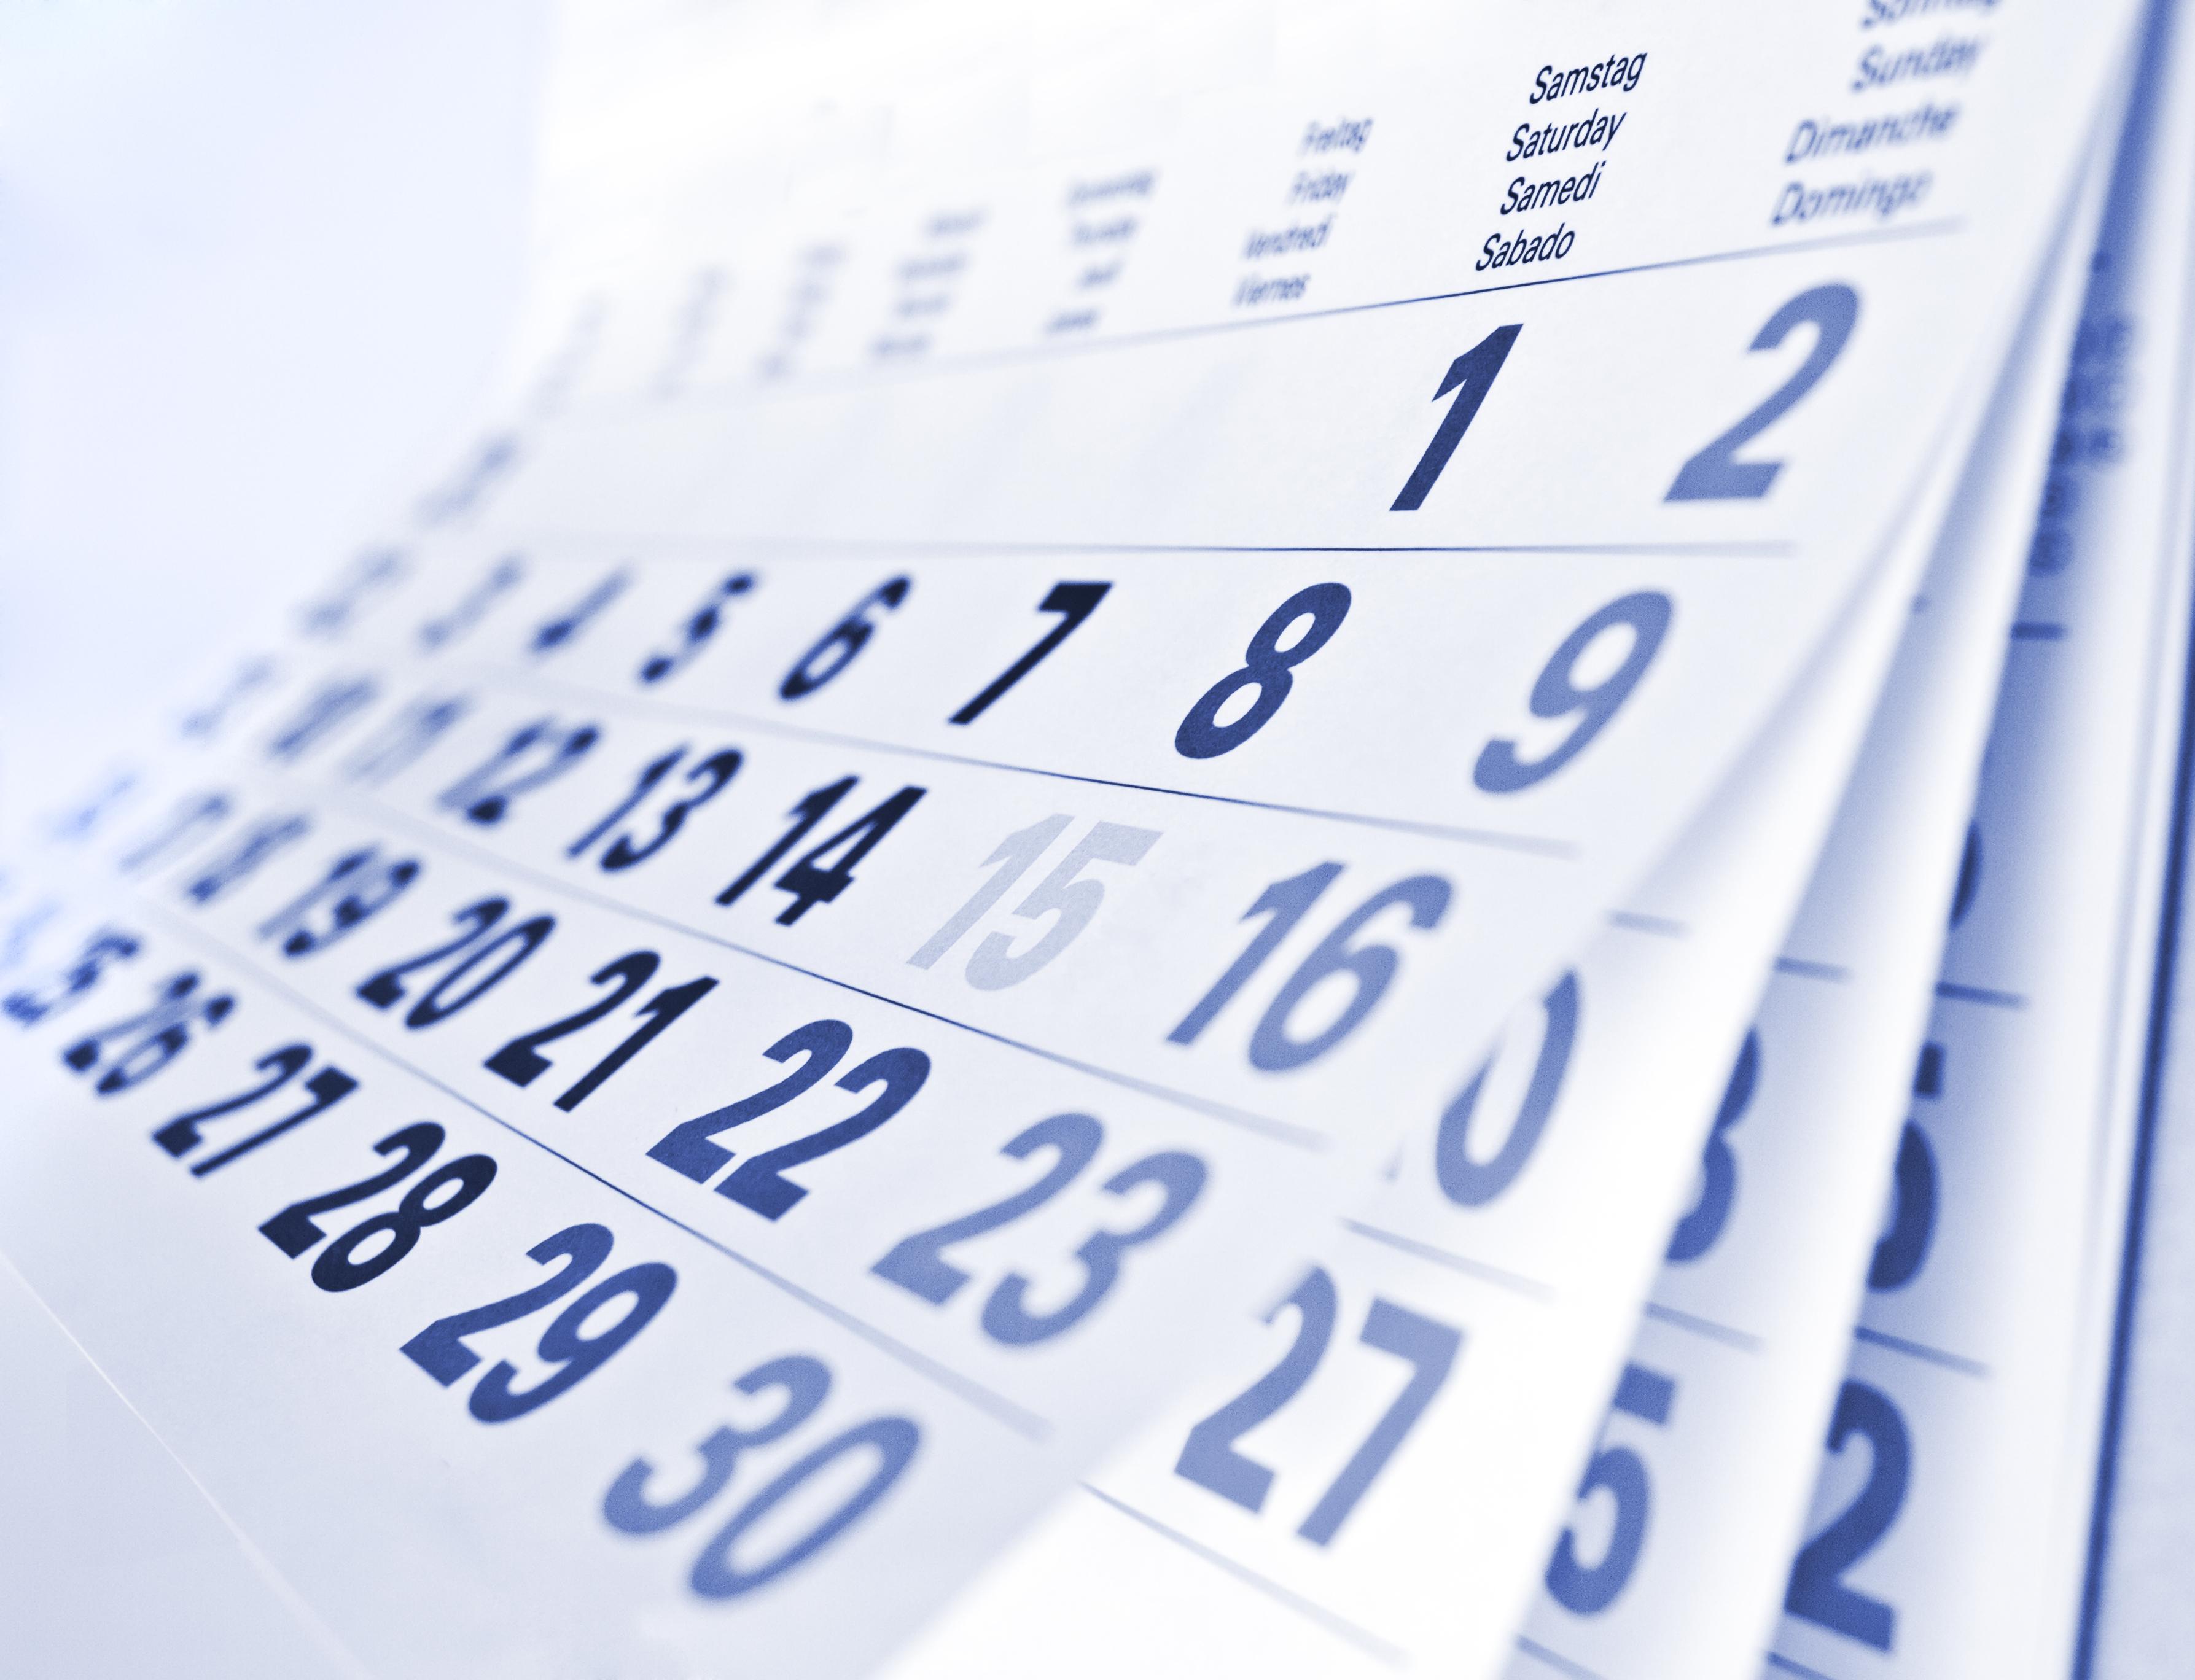 Παράταση αιτήσεων έως 25.5.2021 για την ενίσχυση επιχειρήσεων που παρέμειναν κατ' εξαίρεση σε αναστολή λειτουργίας κατά την περίοδο των Χριστουγέννων 2020